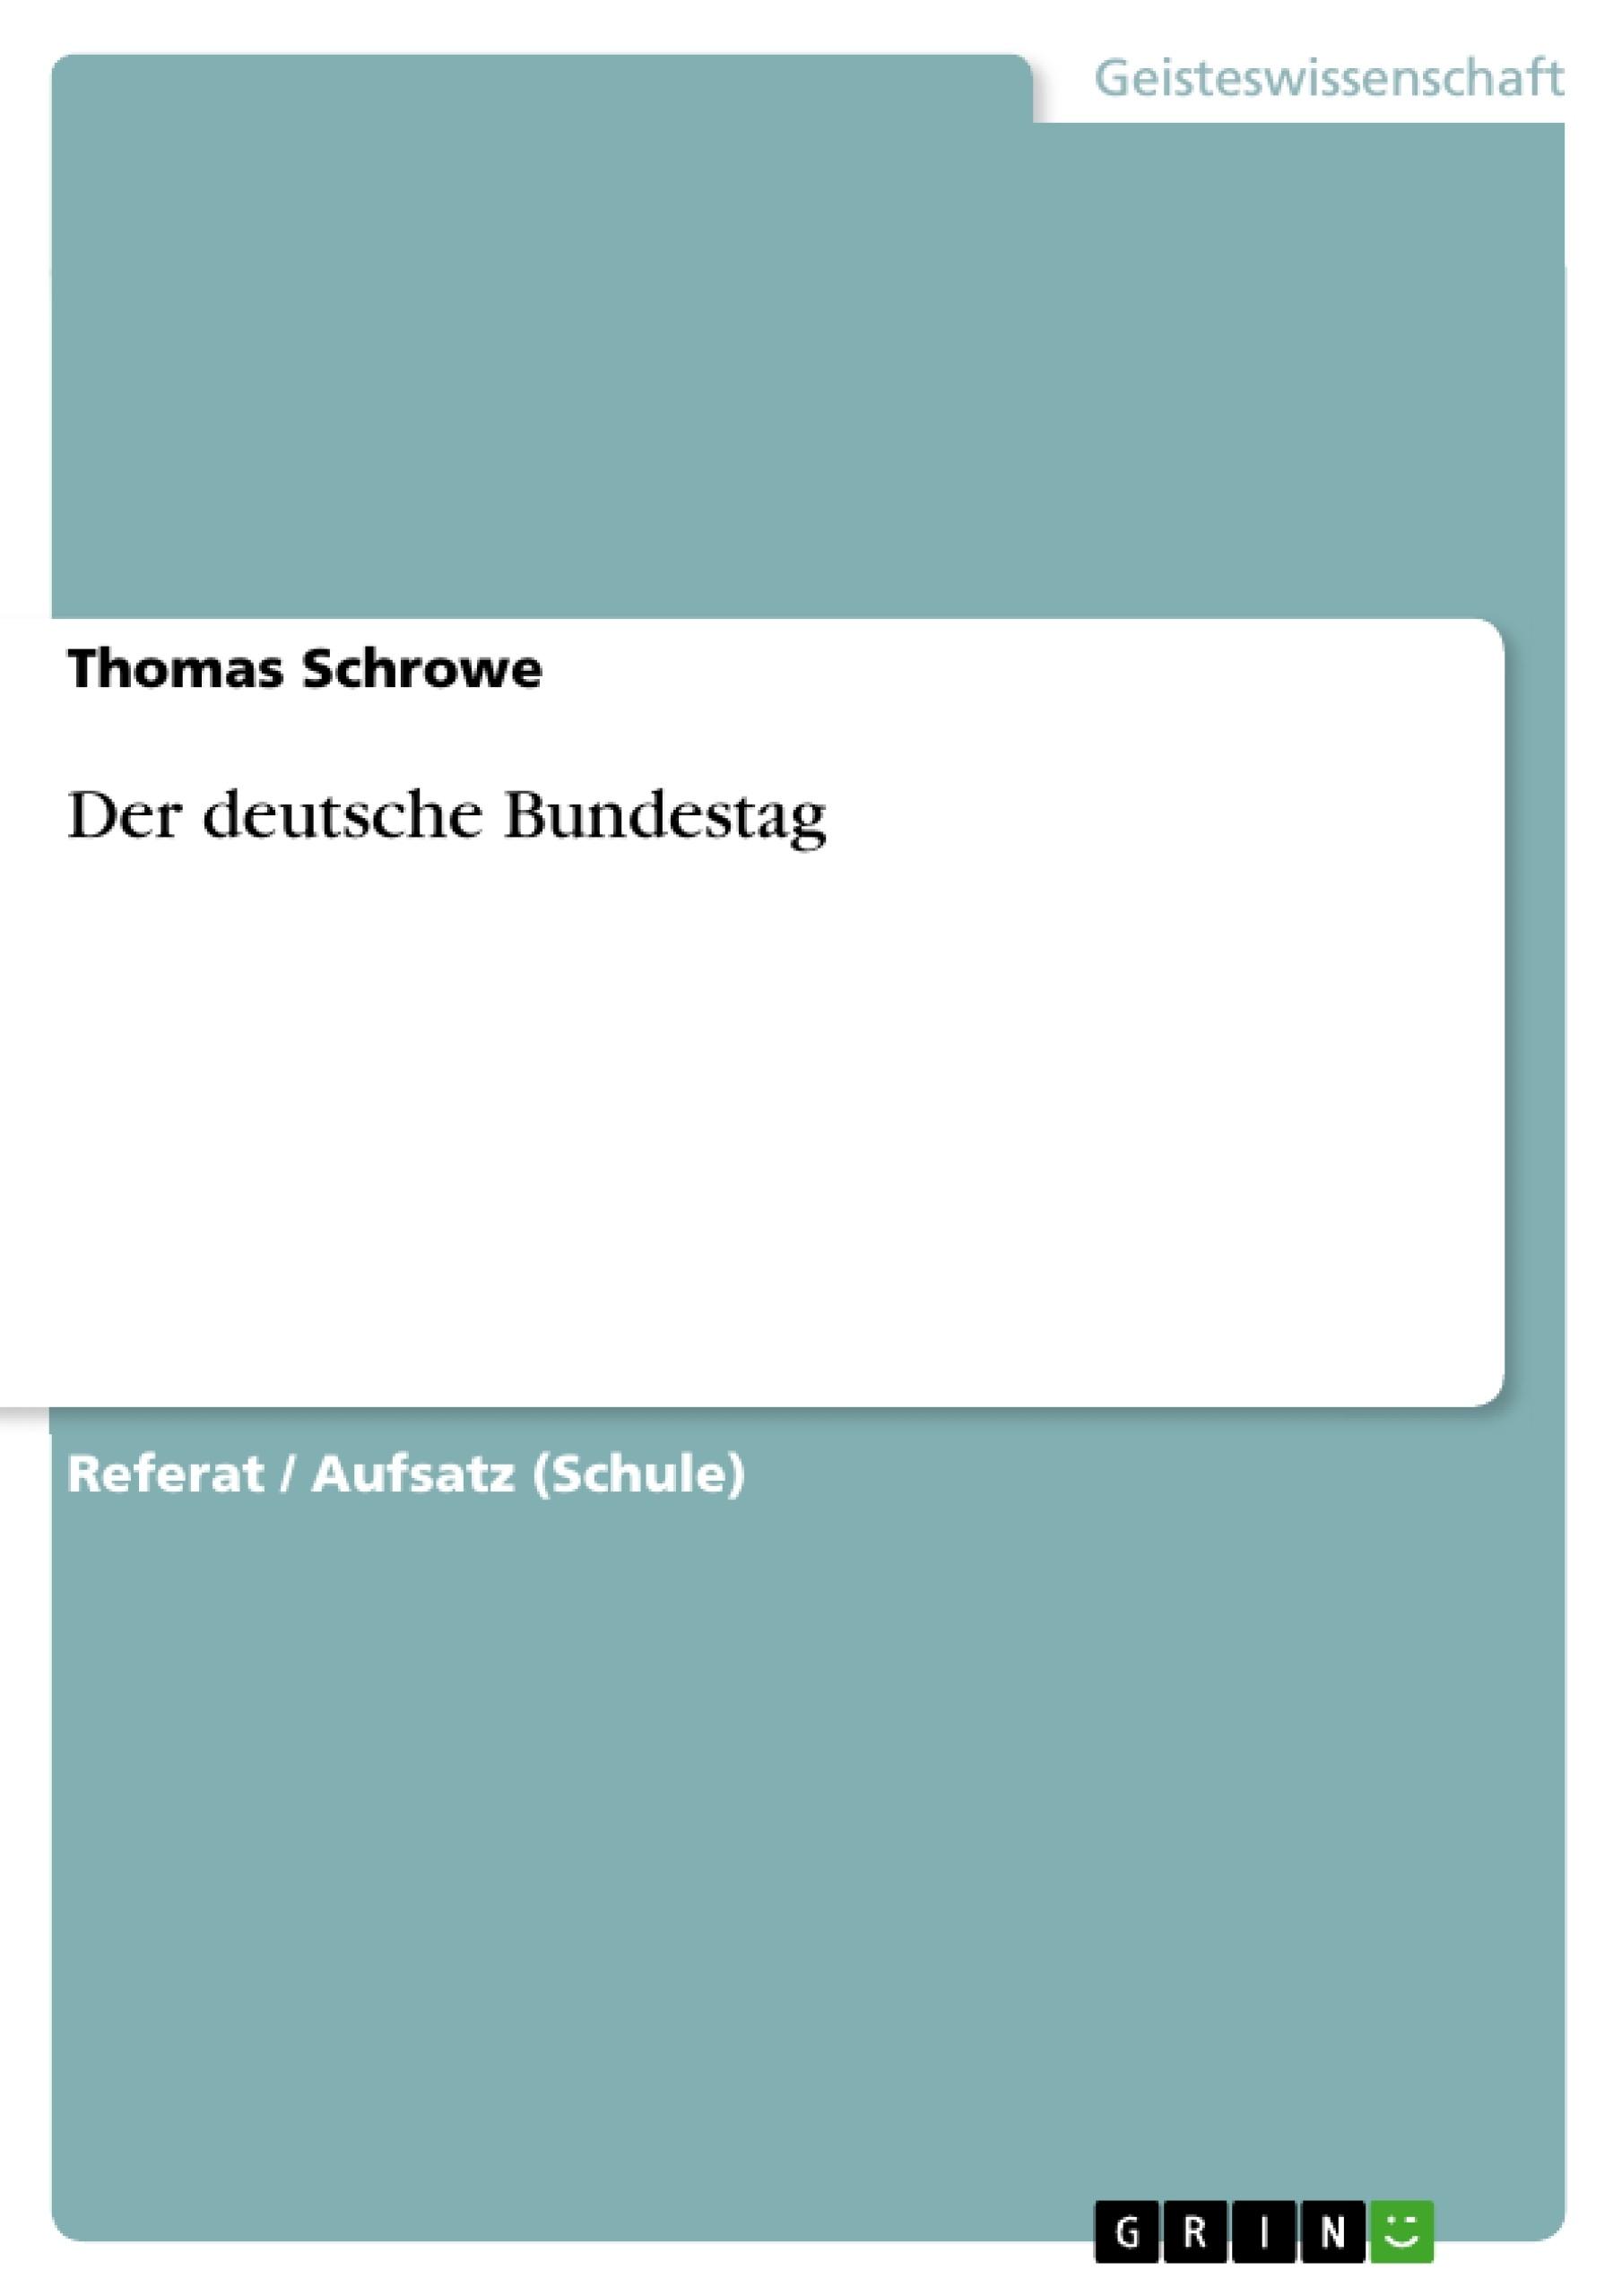 Titel: Der deutsche Bundestag